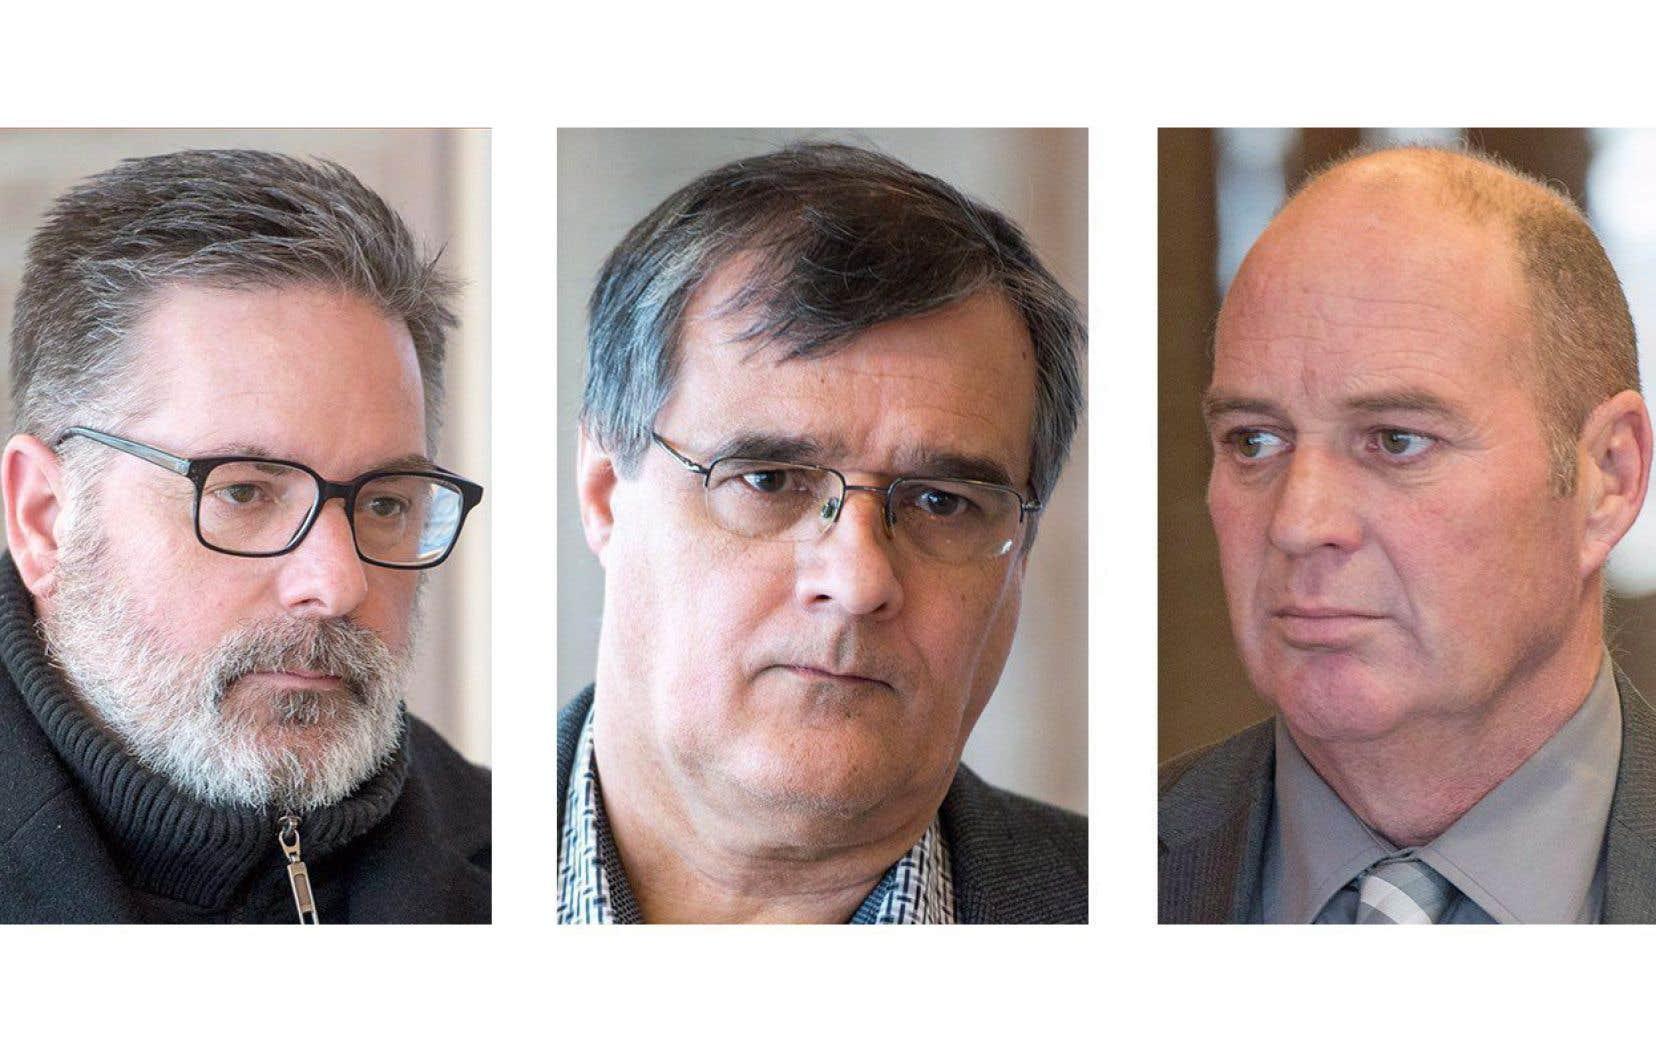 Les trois accusés dans cette affaire: le directeur des opérations de la MMA au Québec, Jean Demaître, le contrôleur ferroviaire Richard Labrie, et le chef de train Thomas Harding.